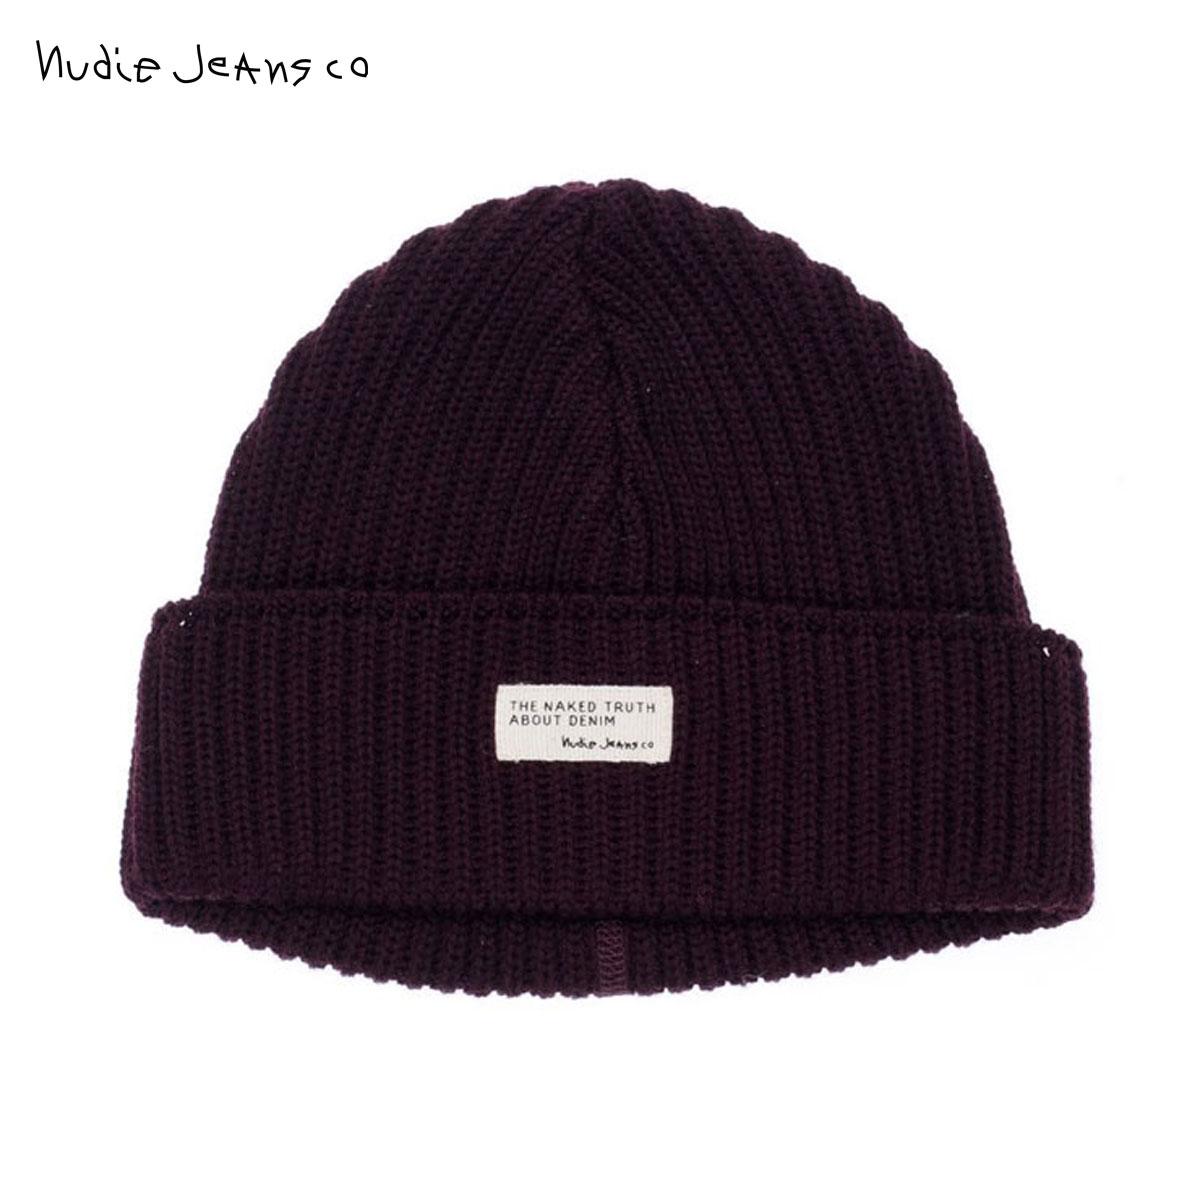 Nudie jeans Nudie Jeans Hat knit Cap Nicholson Beanie 180576 7060 Wine  P14Nov15 3a77fc3da3e